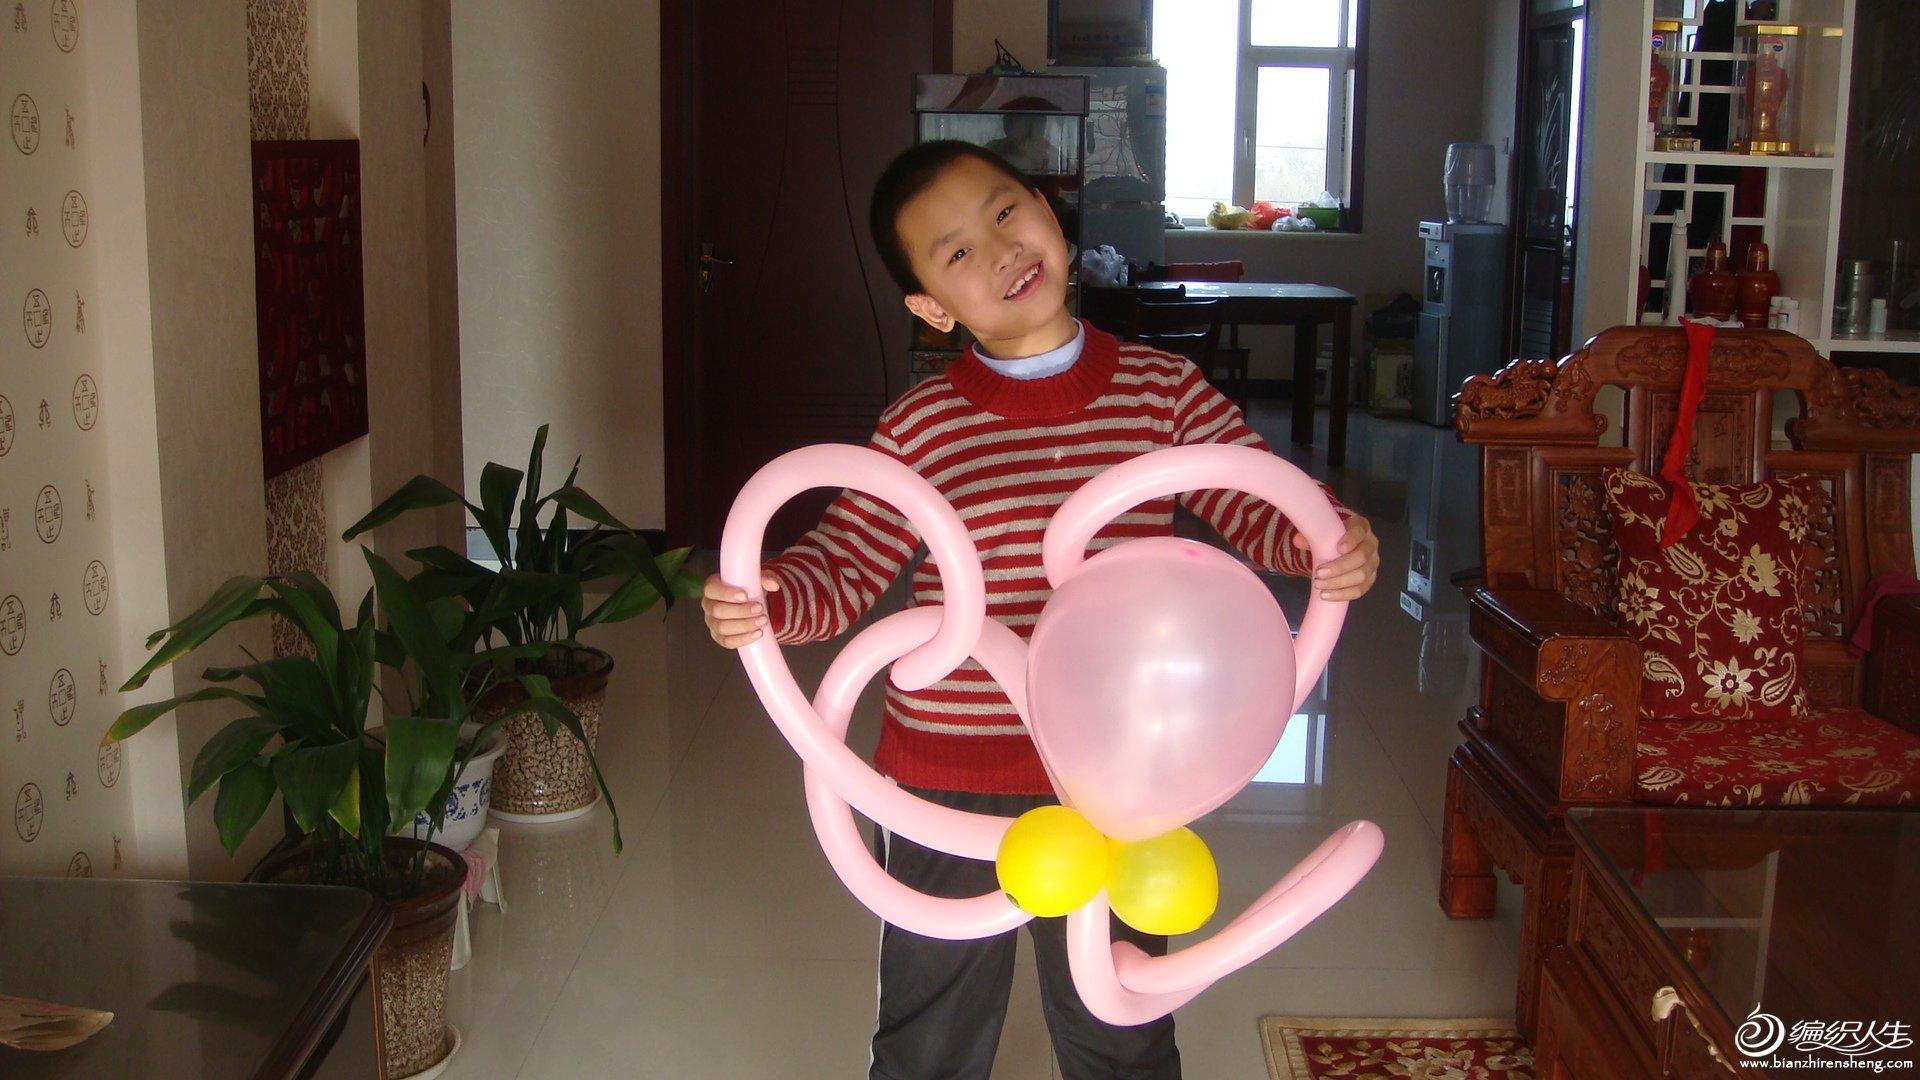 今年秋天织的,现在我儿子穿正好,章鱼我老公做的